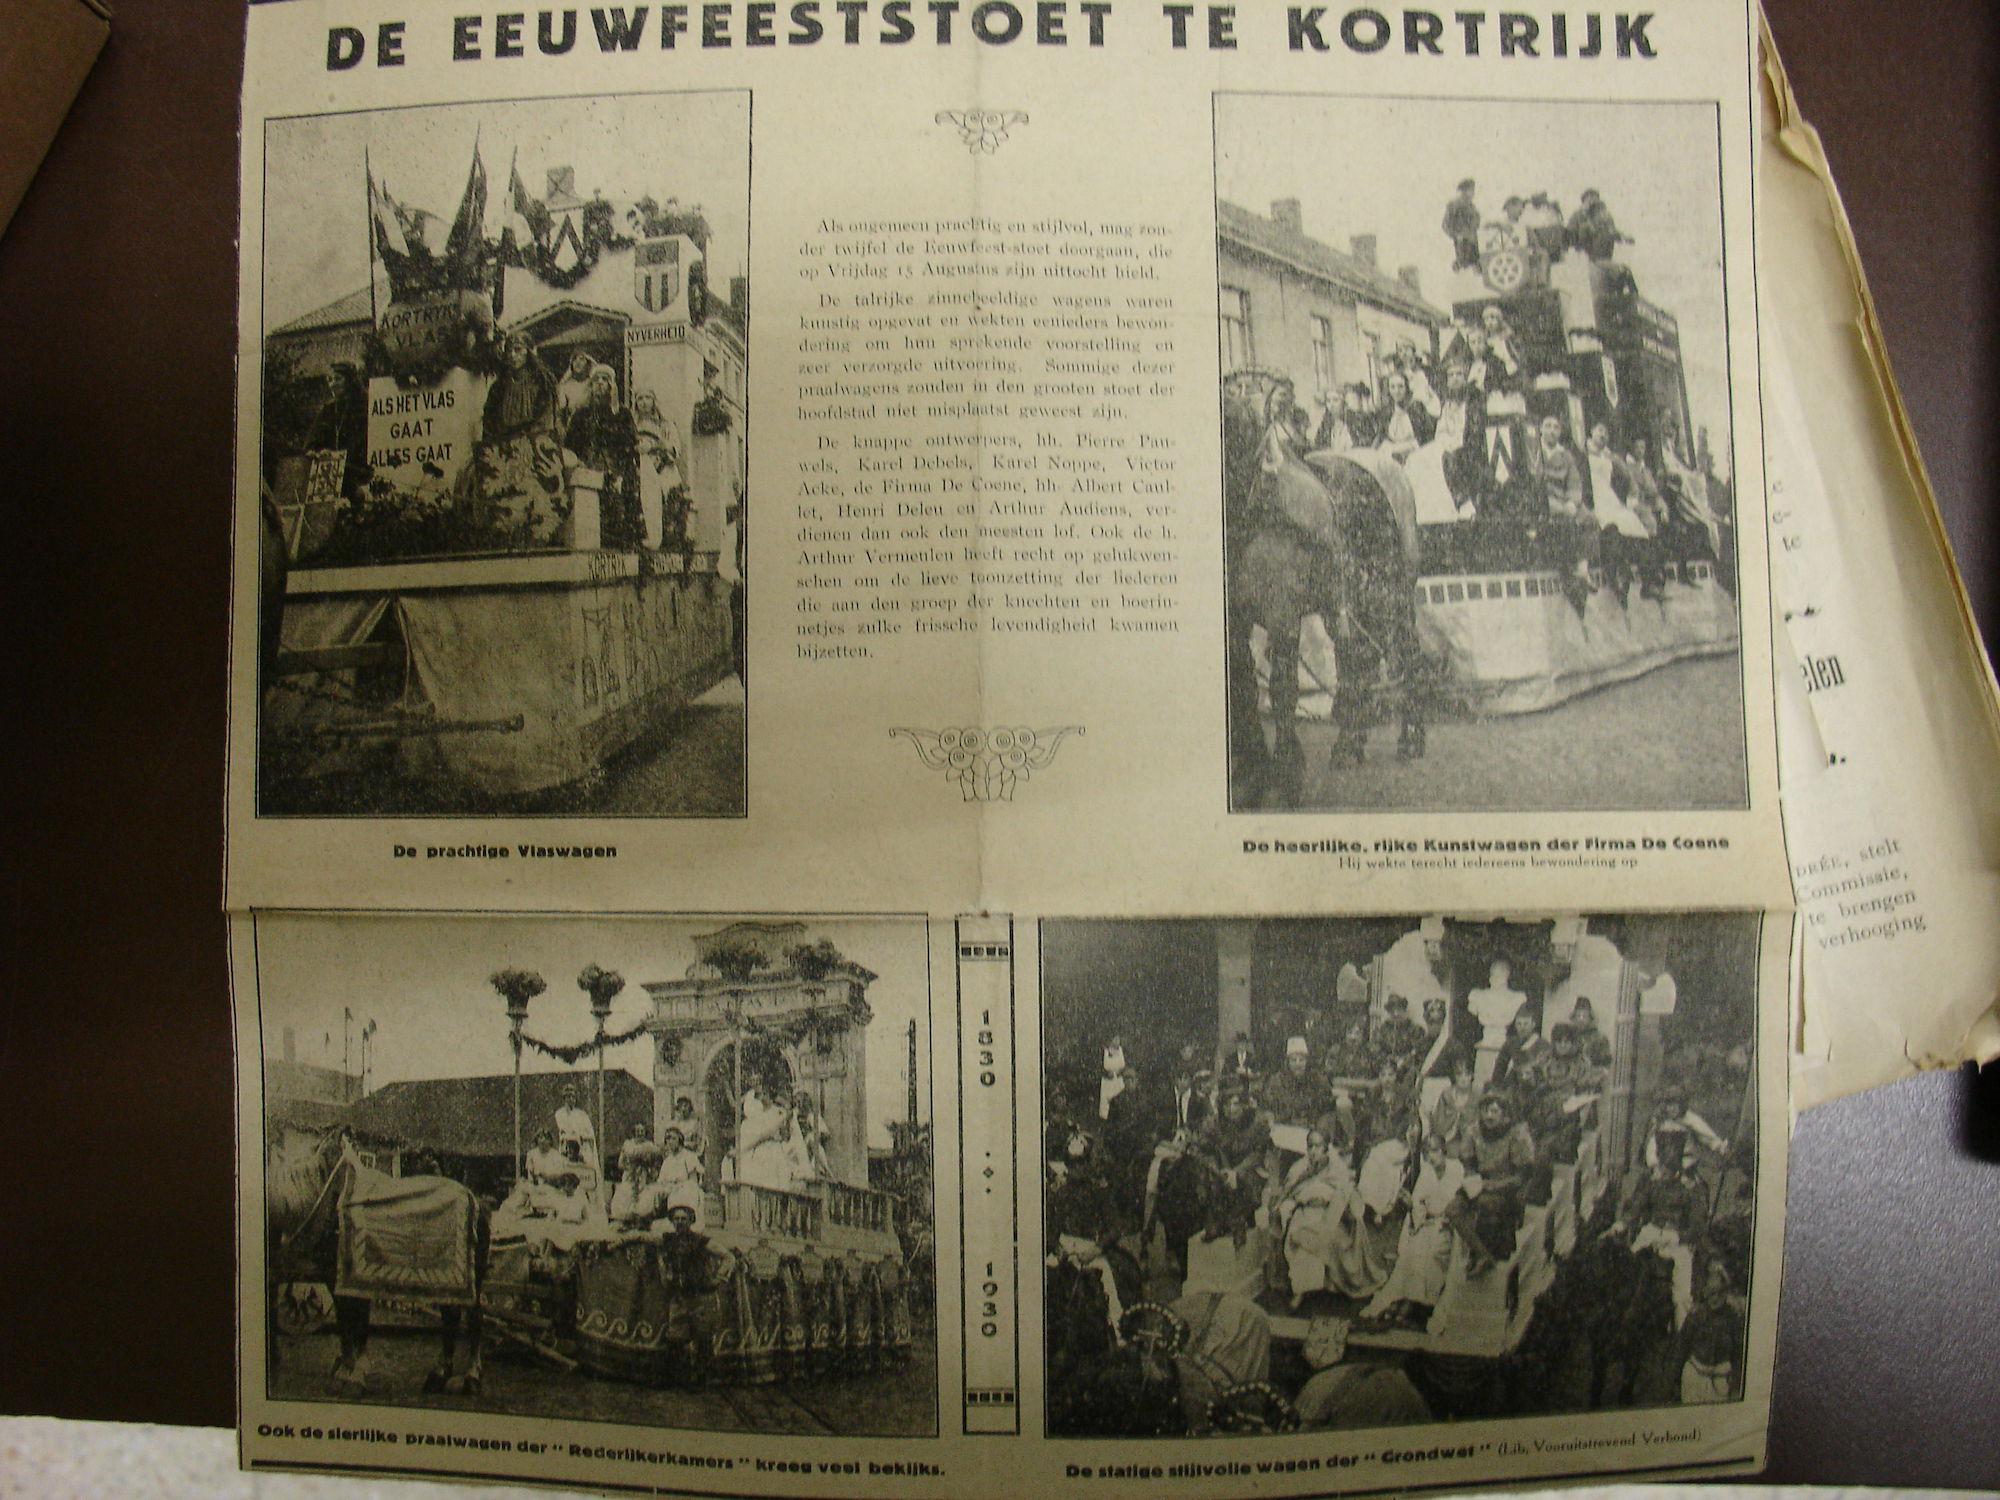 Eeuwfeeststoet 1830 - 1930